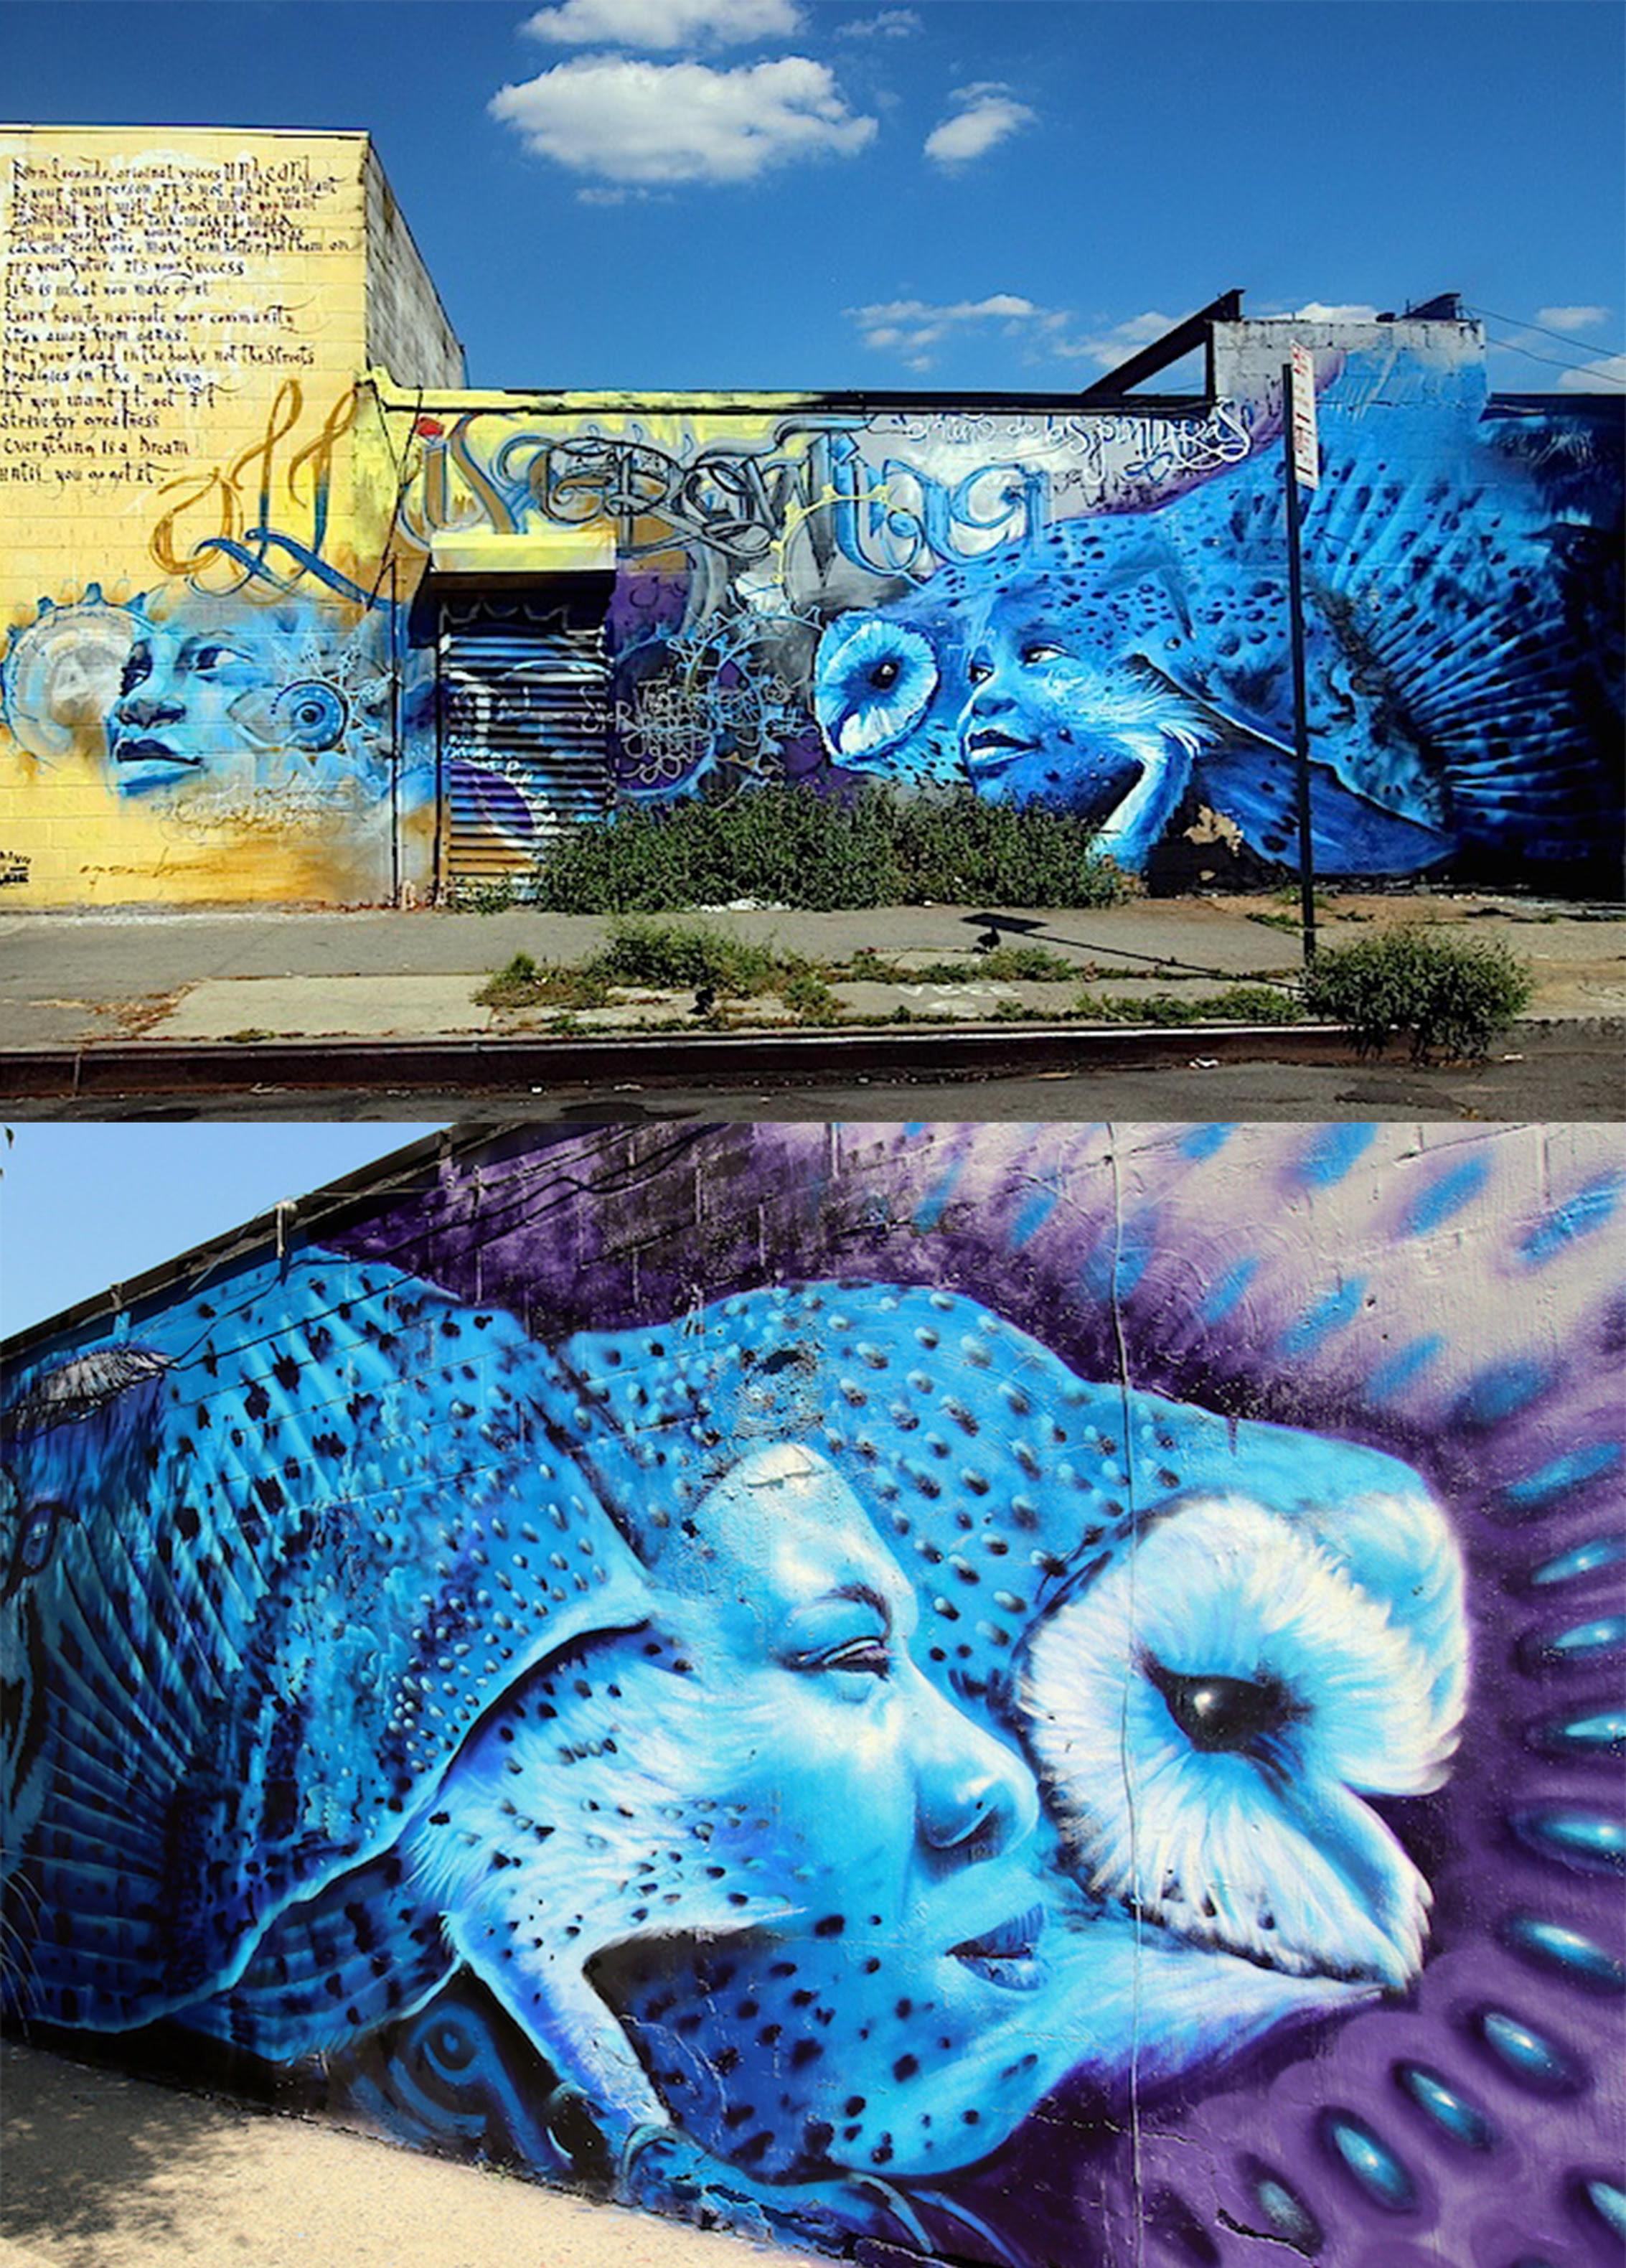 N carlos jay - street art - cREAtive Castle Studios 1.jpg